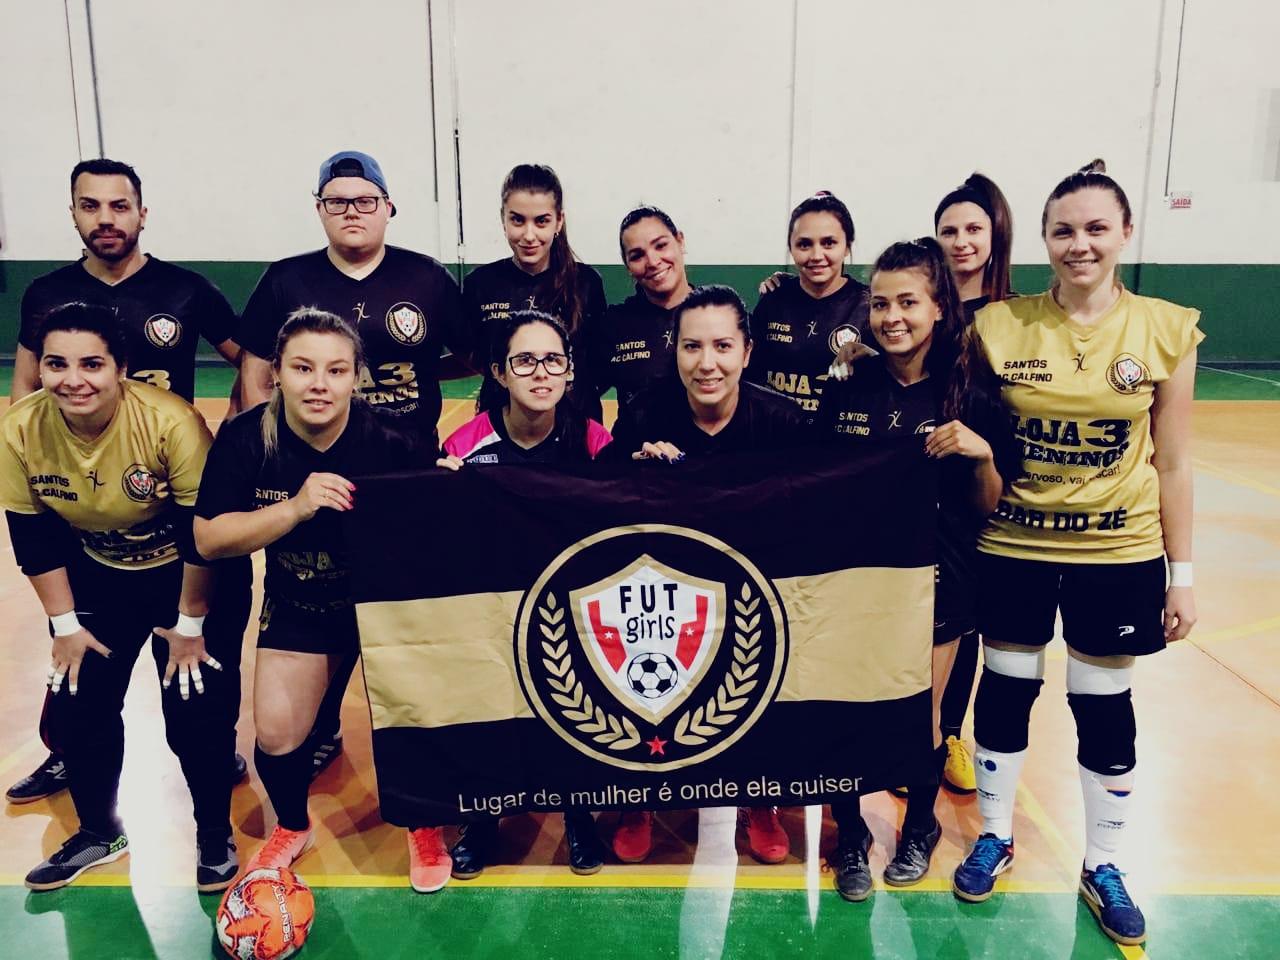 Fut Girls estreia com goleada, e M.W.F.C e Nova Era vencem mais uma no Municipal de Futsal Feminino de Brusque